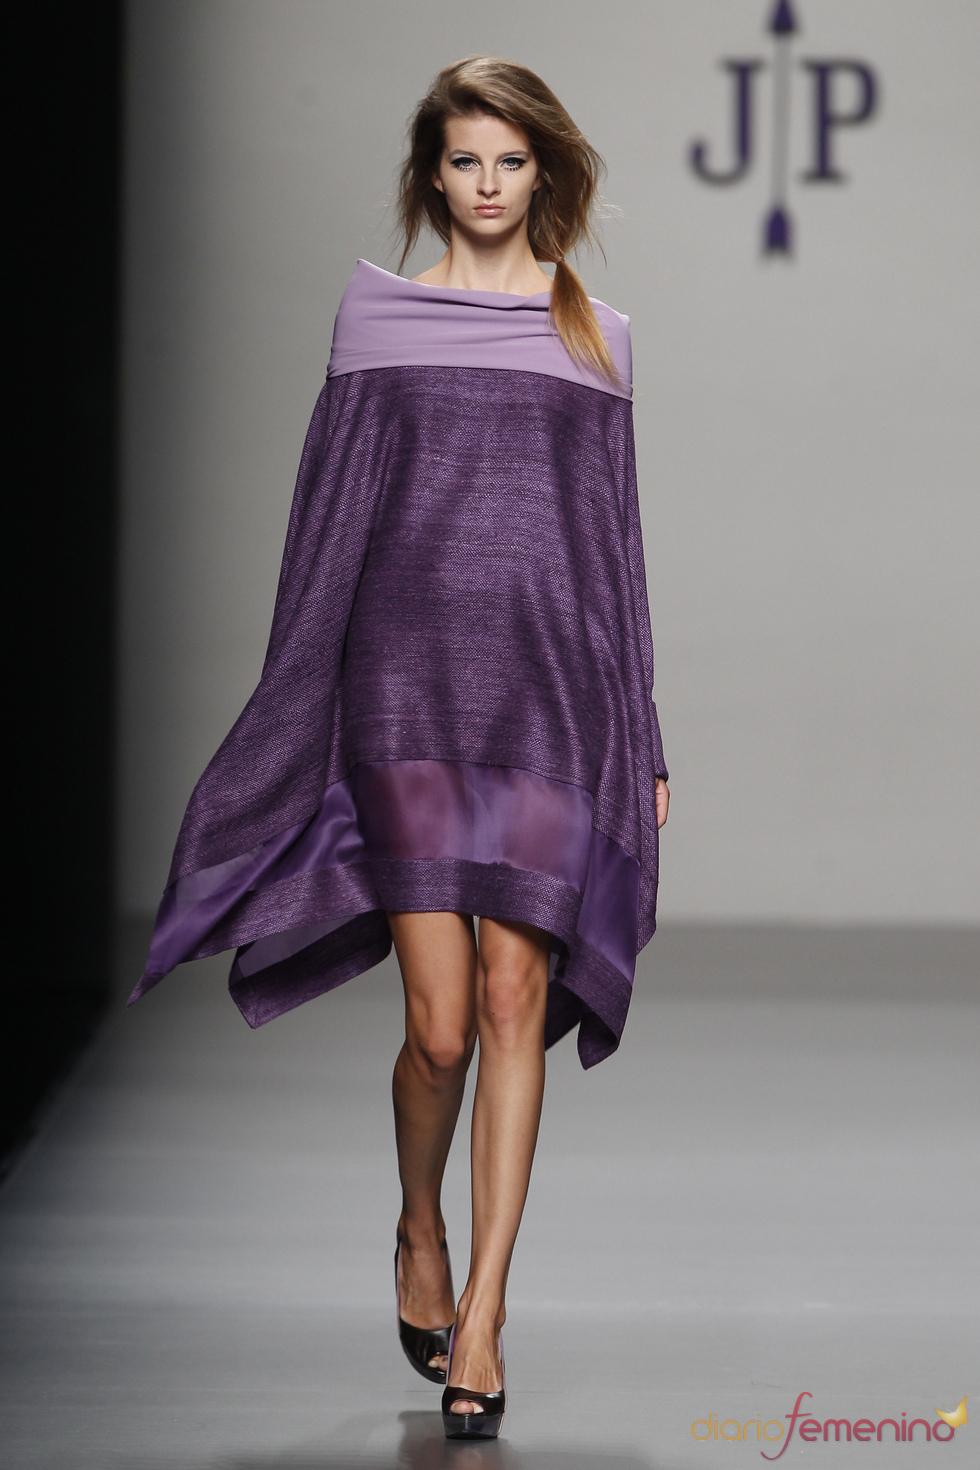 Increíble Boda Vestido De Pozos De Tunbridge Fotos - Ideas de ...